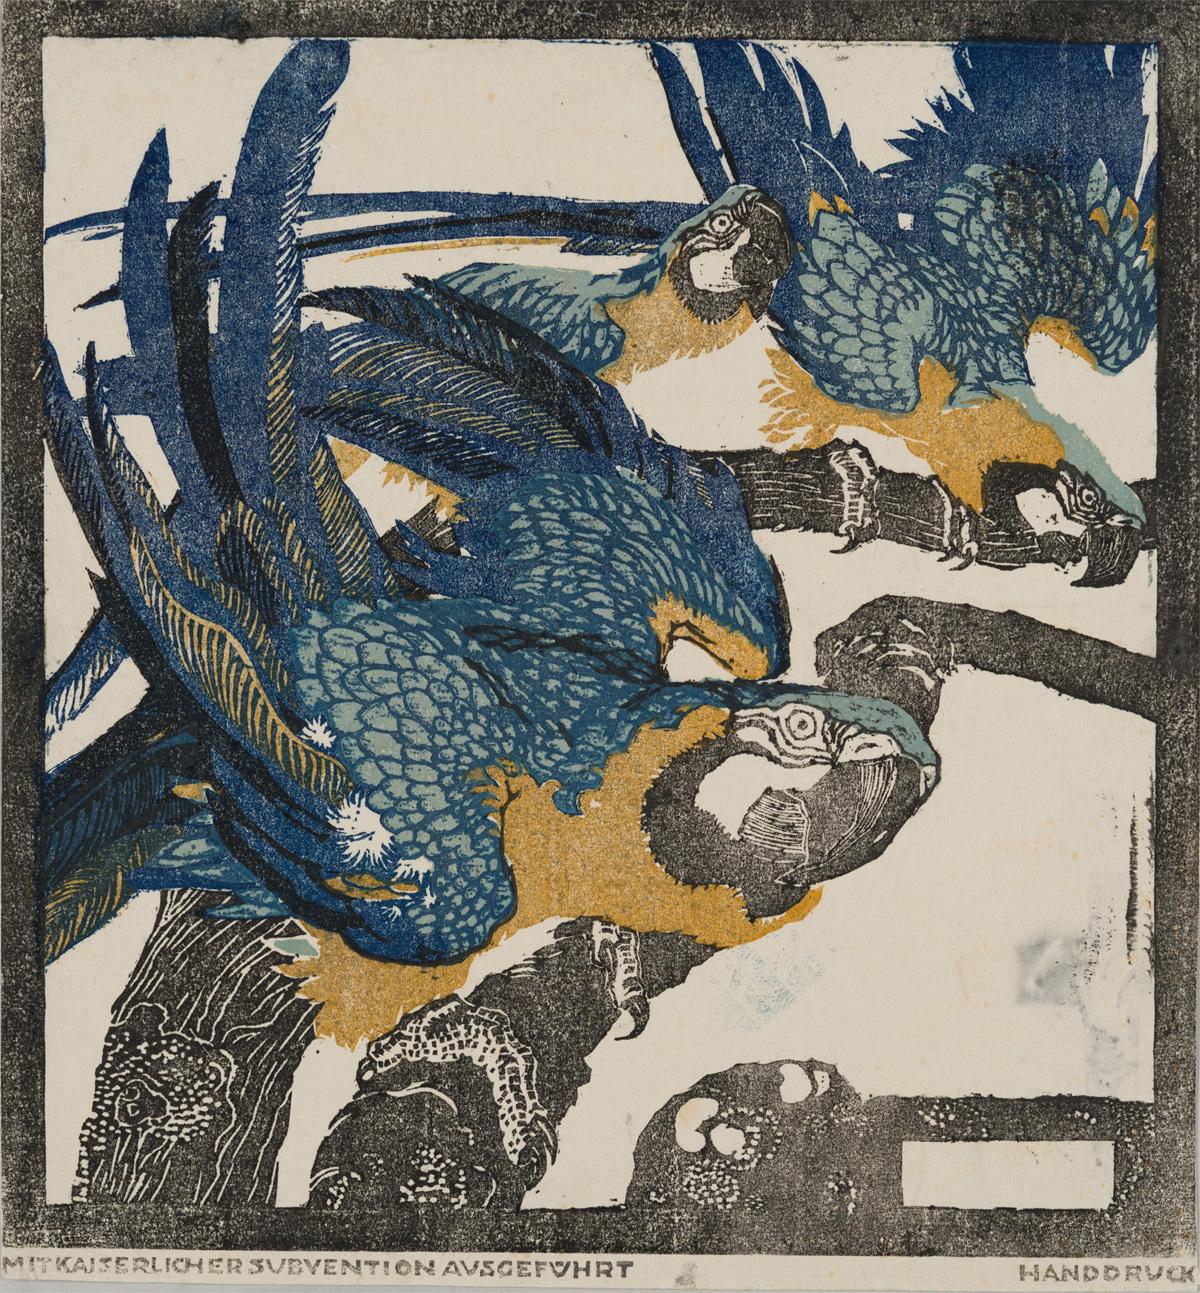 ルートヴィヒ・ハインリヒ・ユンクニッケル《三羽の青い鸚鵡》(連作「シェーンブルンの動物たち」より)1909年頃 京都国立近代美術館